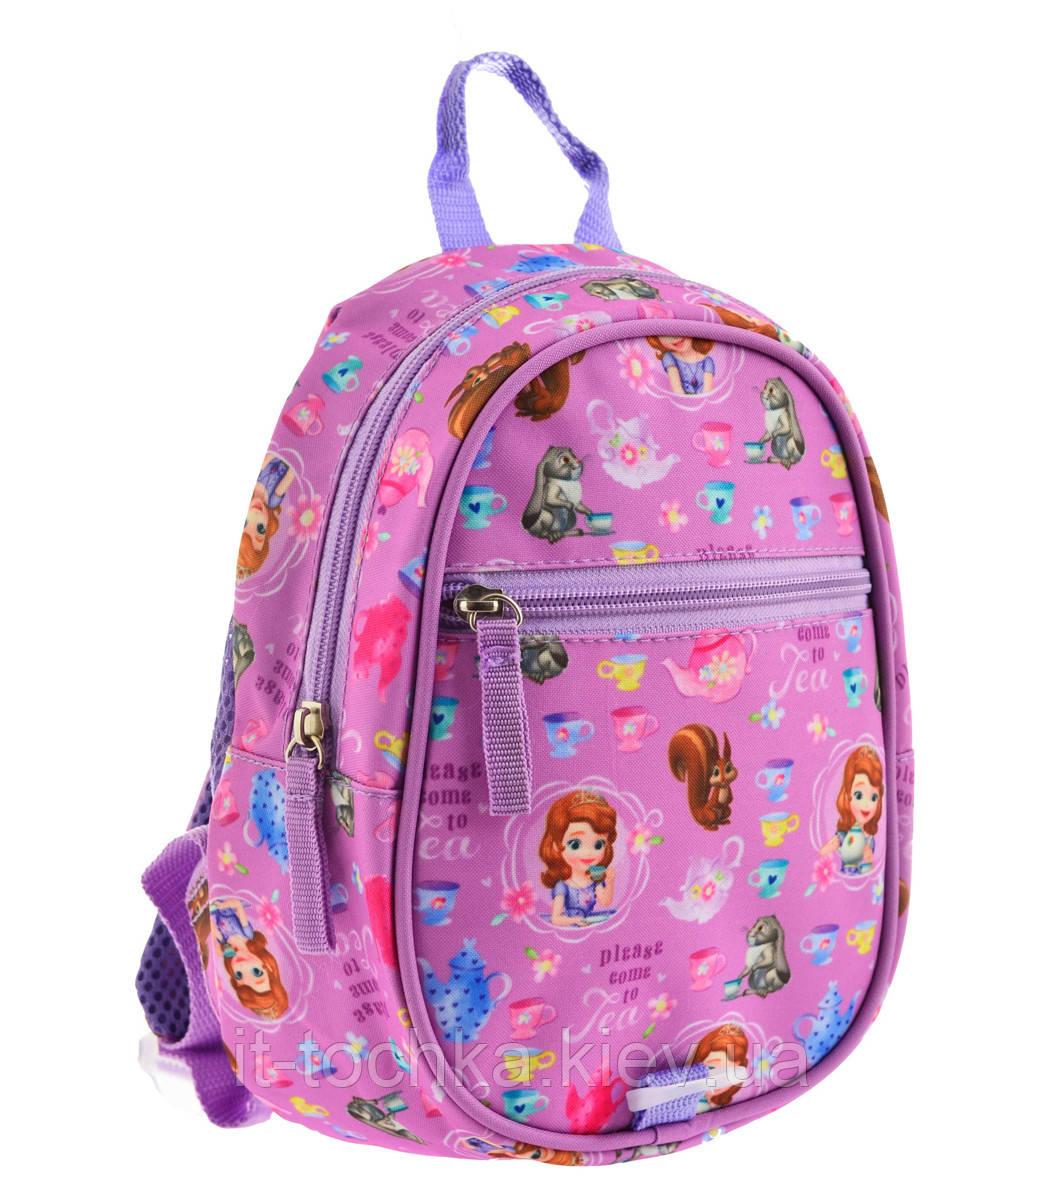 Рюкзак детский 1 Вересня k-31 sofia 1 Вересня 556839